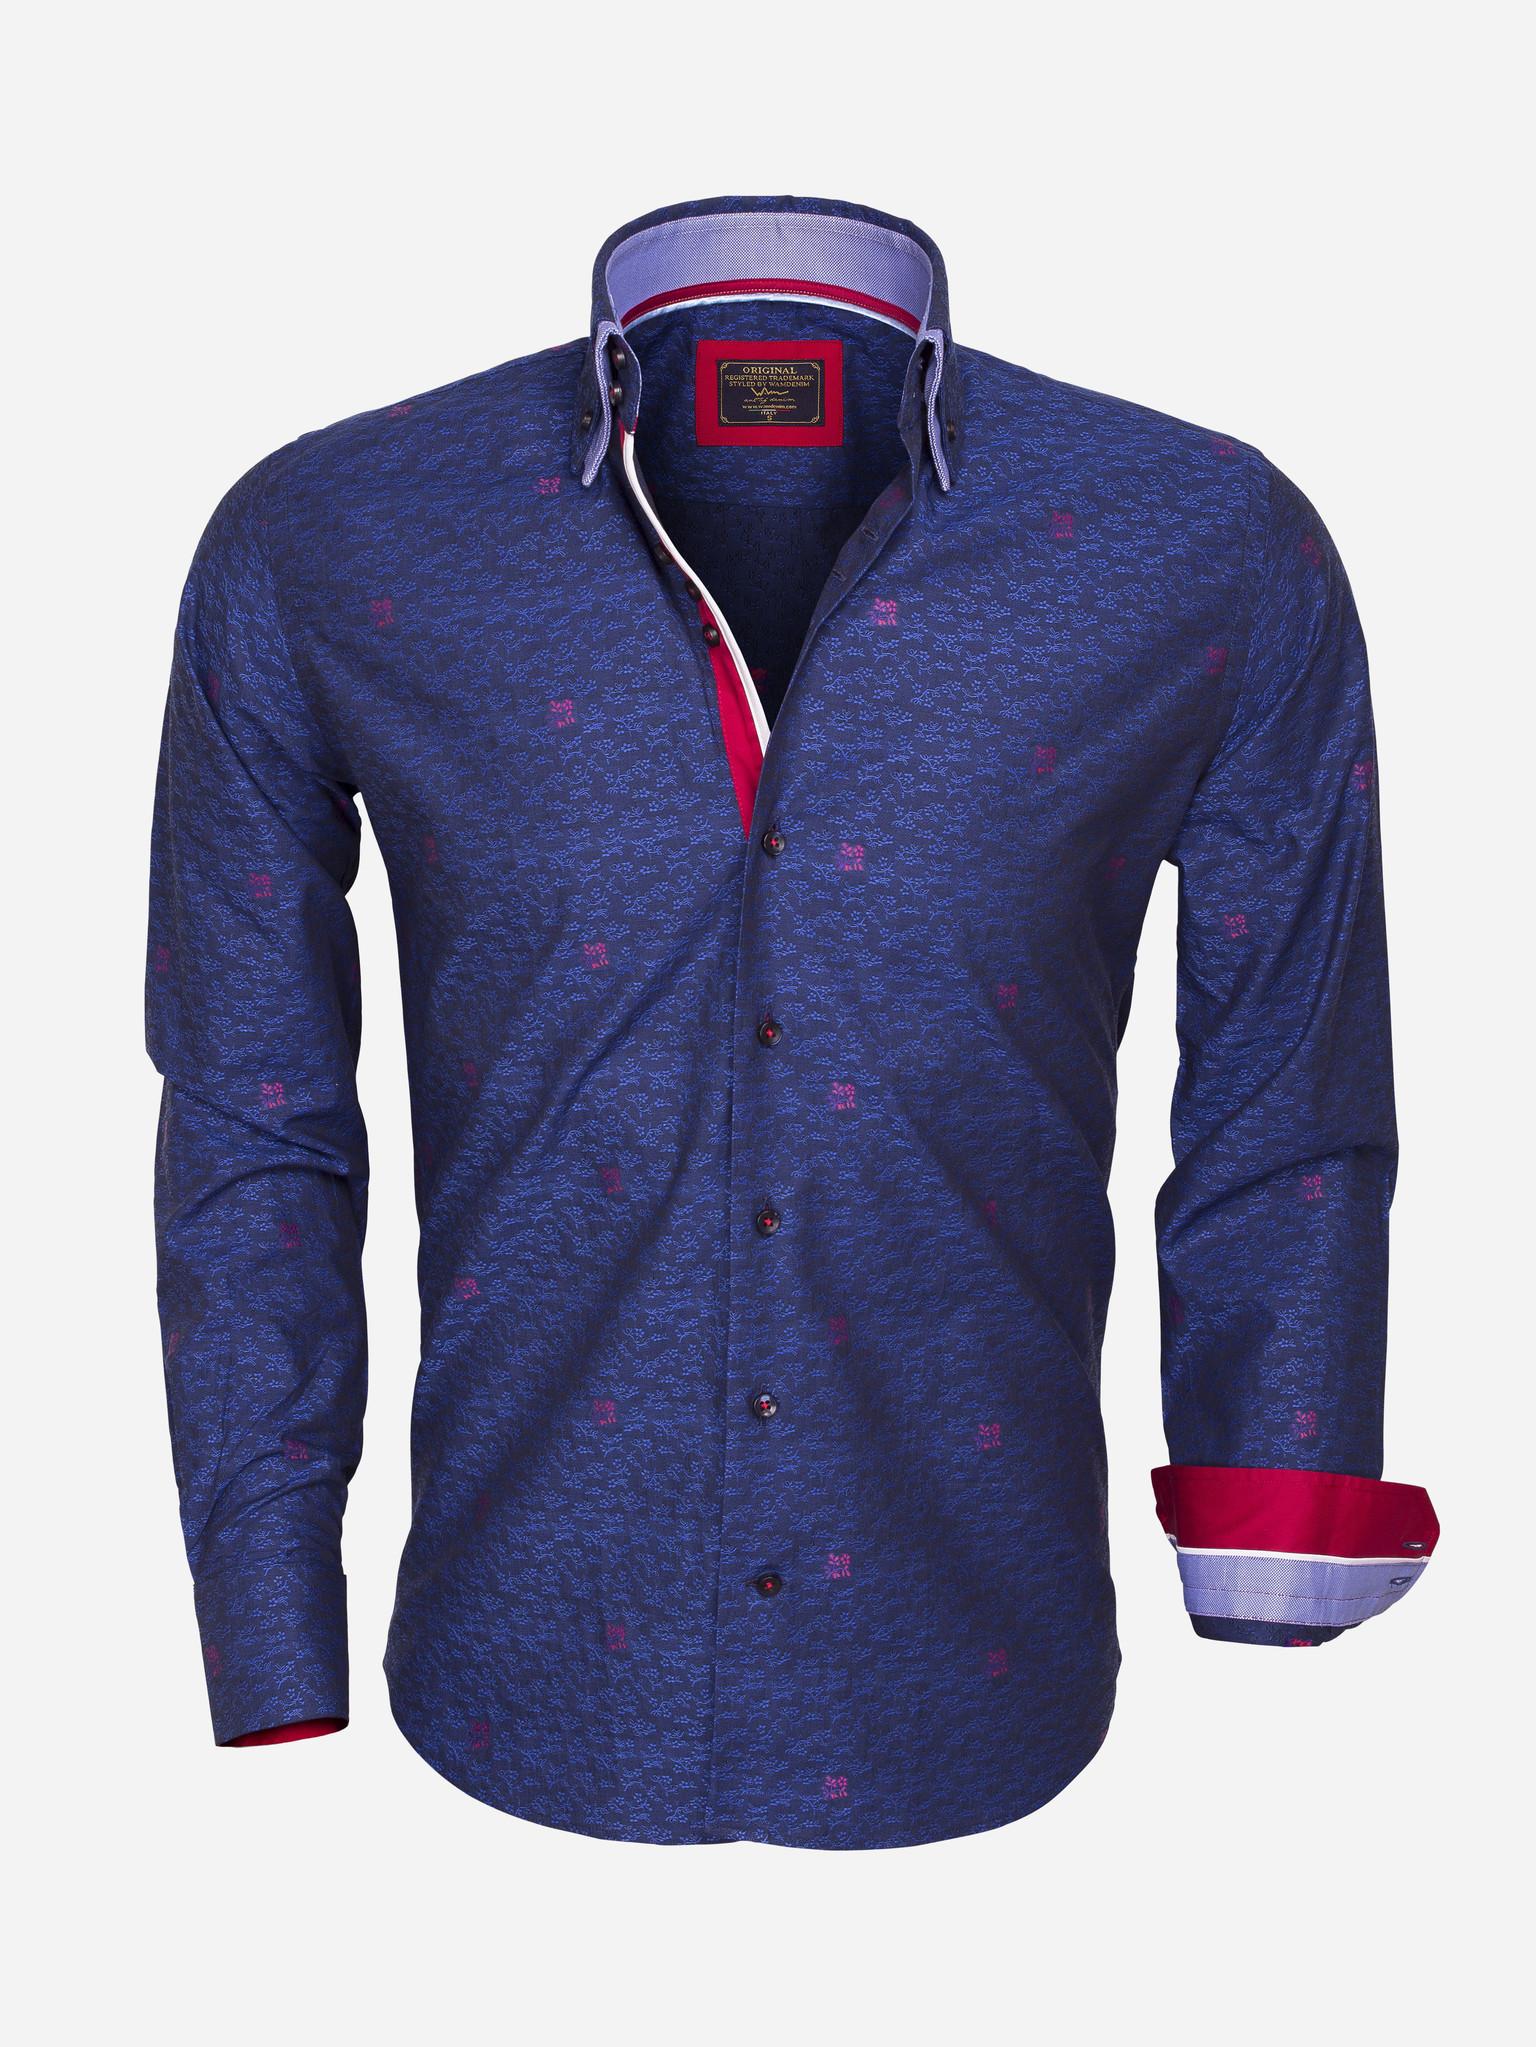 Wam Denim Overhemd Lange Mouw  Maat: M